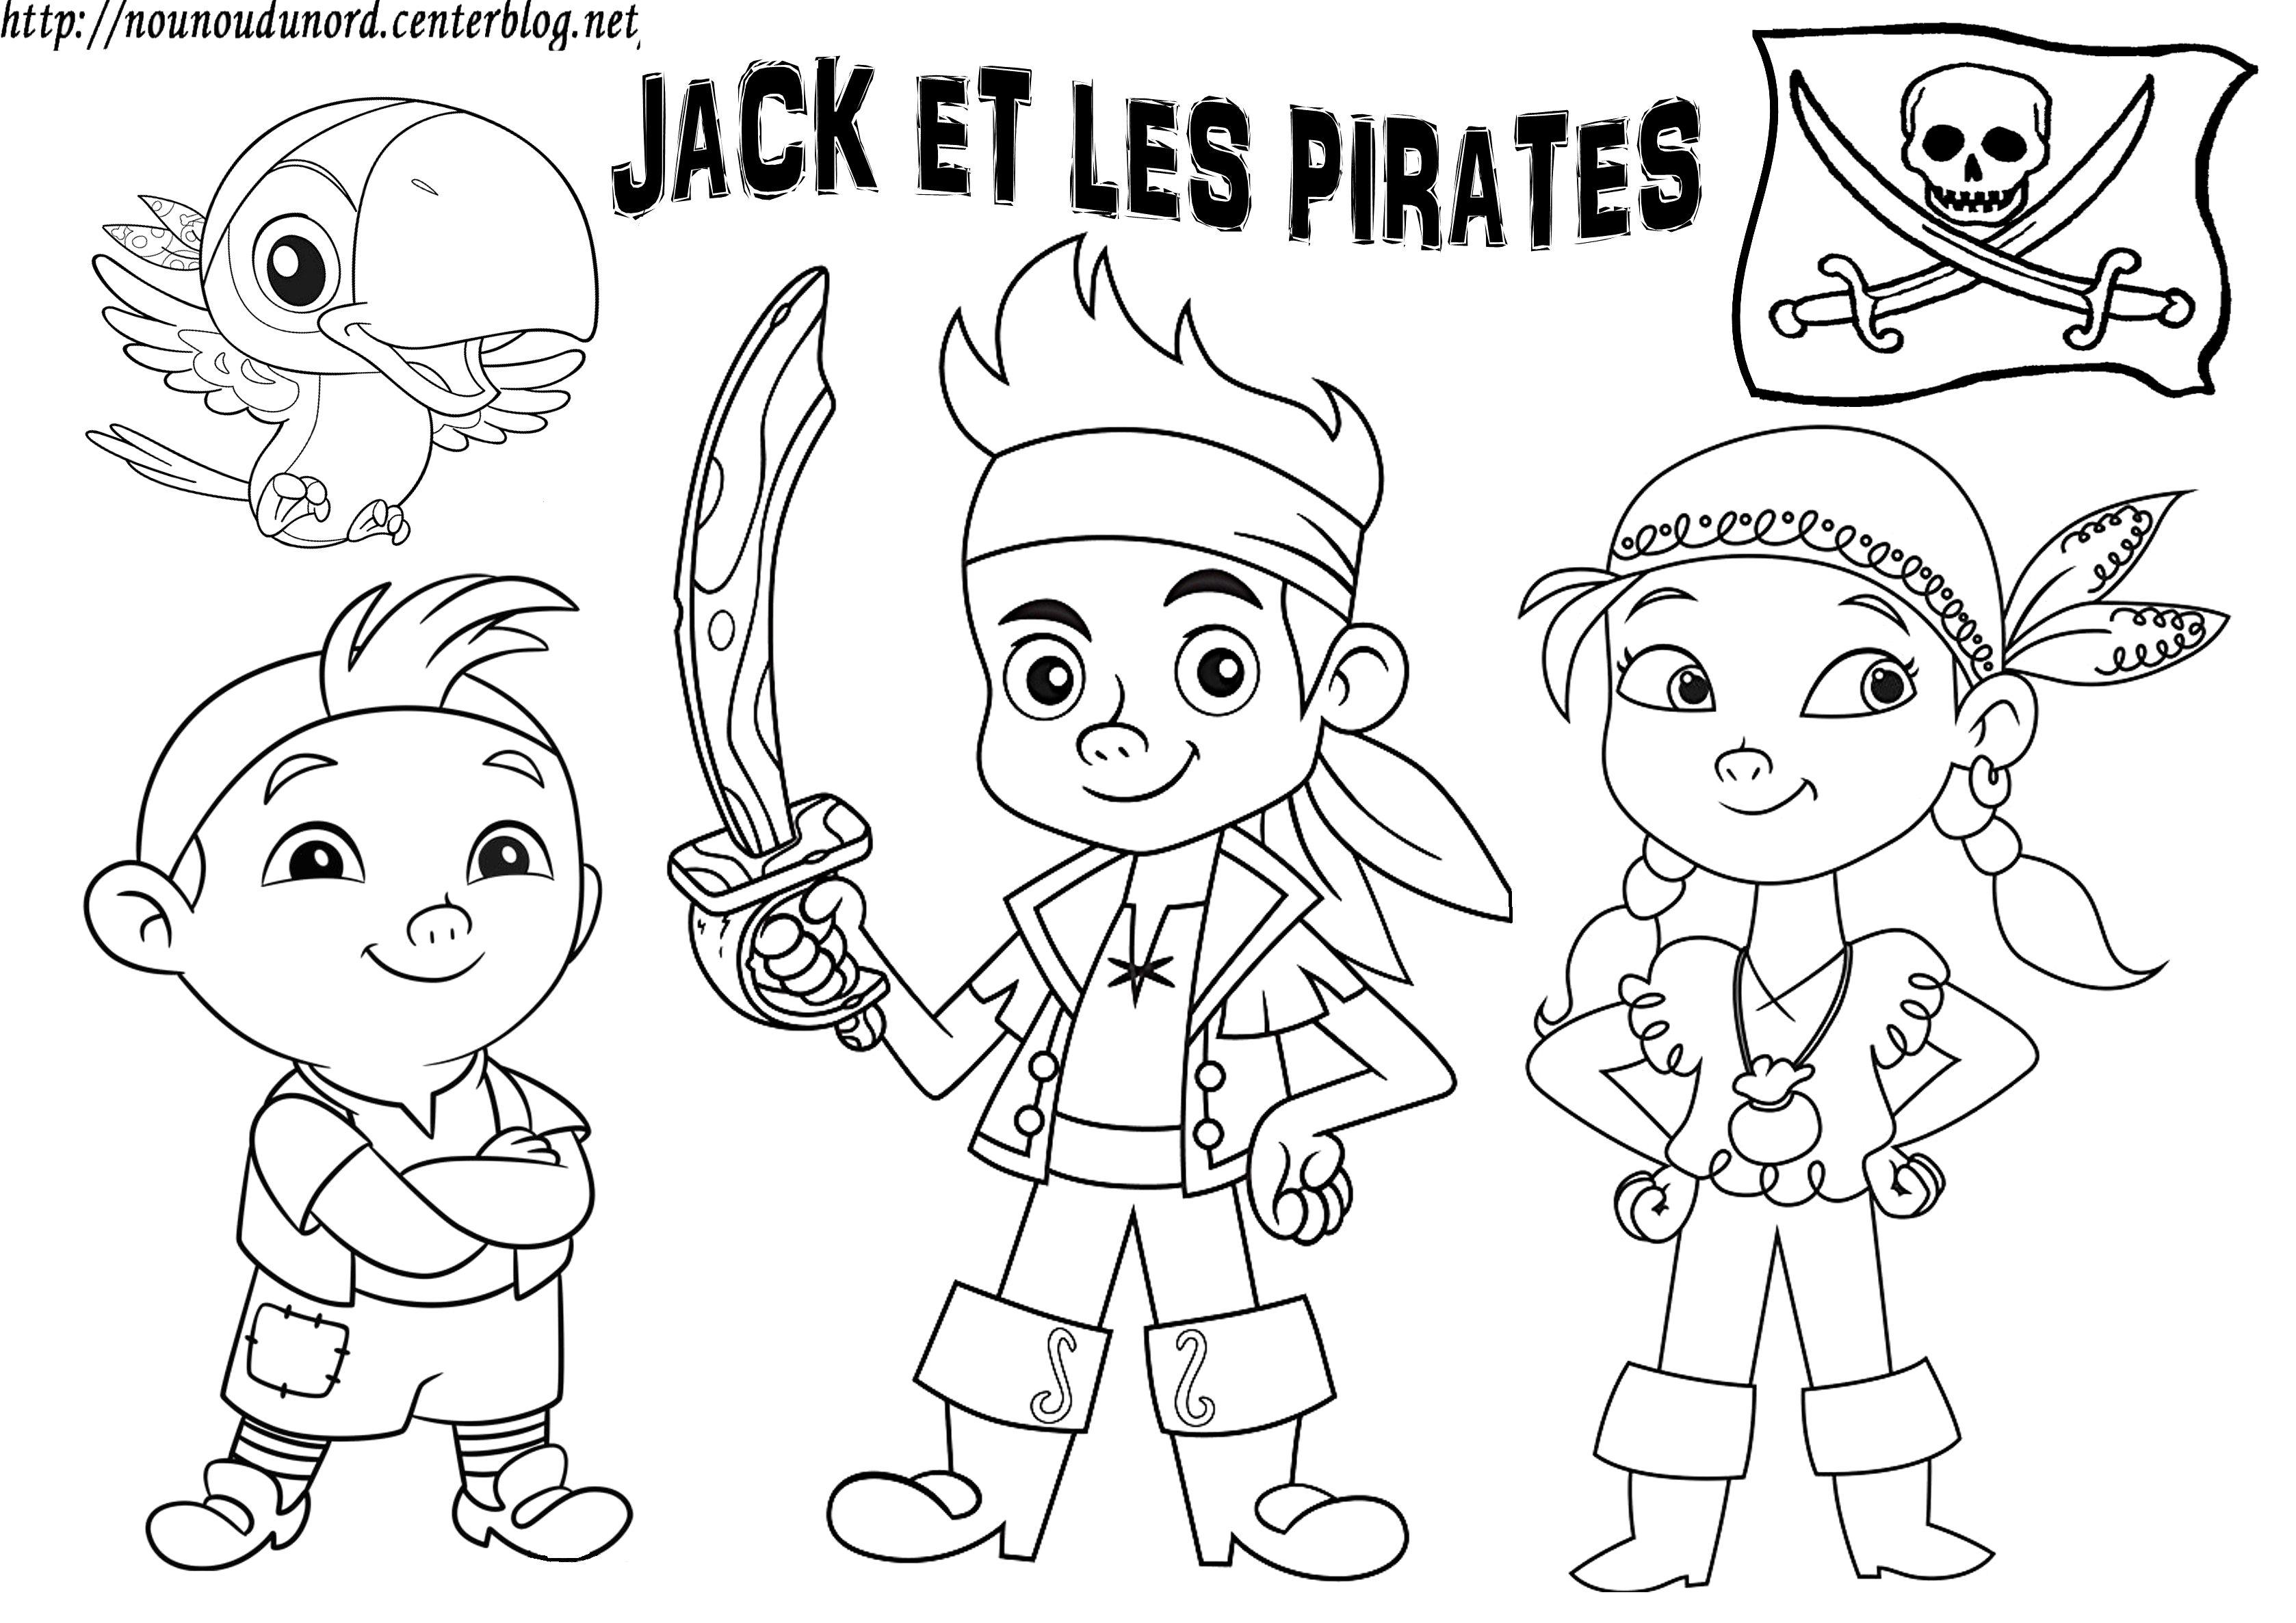 Jake et les pirates coloriage, gommettes  Pirate coloring pages